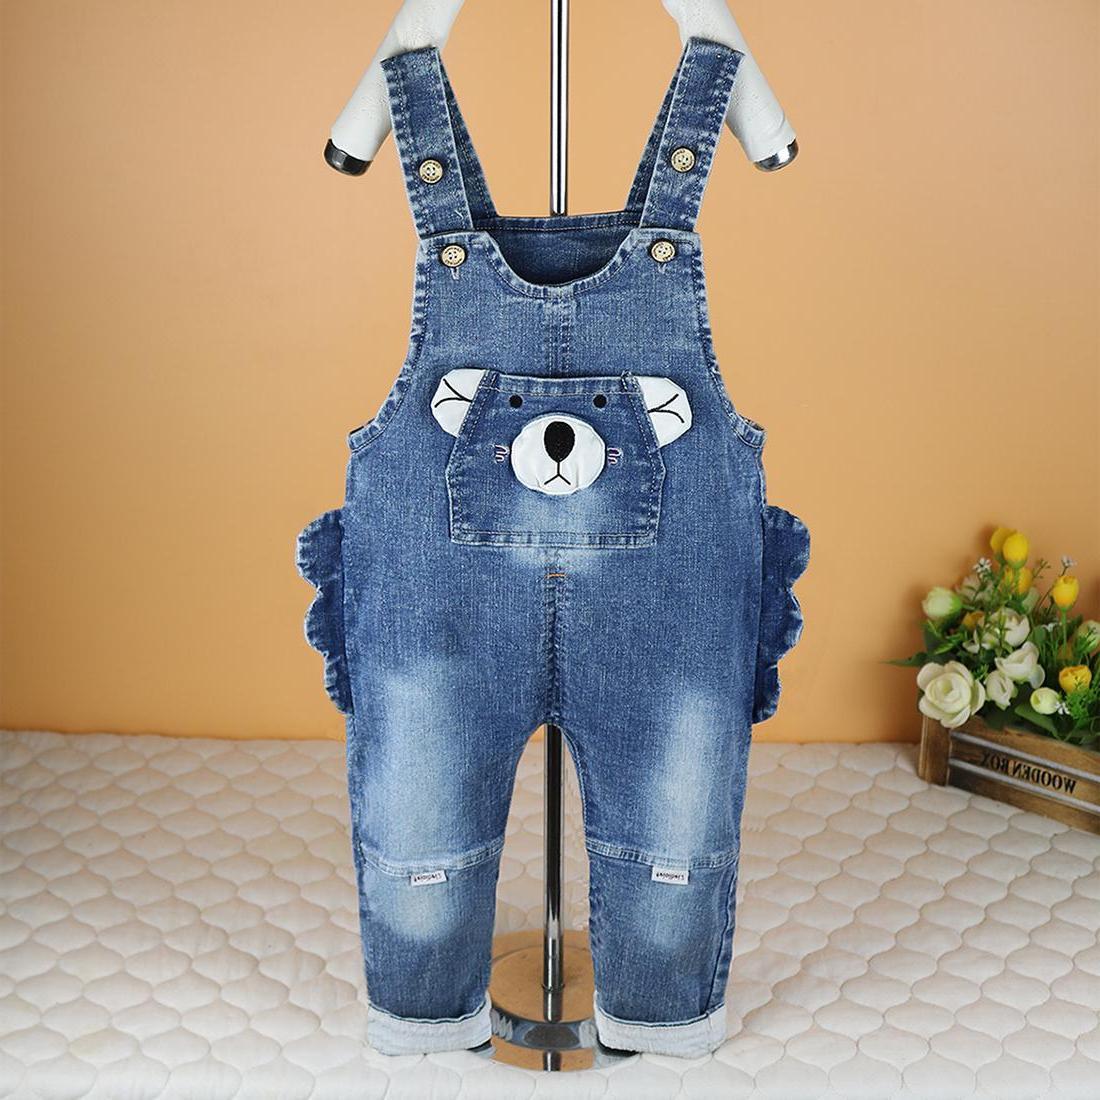 春季宝宝软牛仔背带裤可开裆0-1-2-3岁男童女婴儿纯棉休闲洋气裤